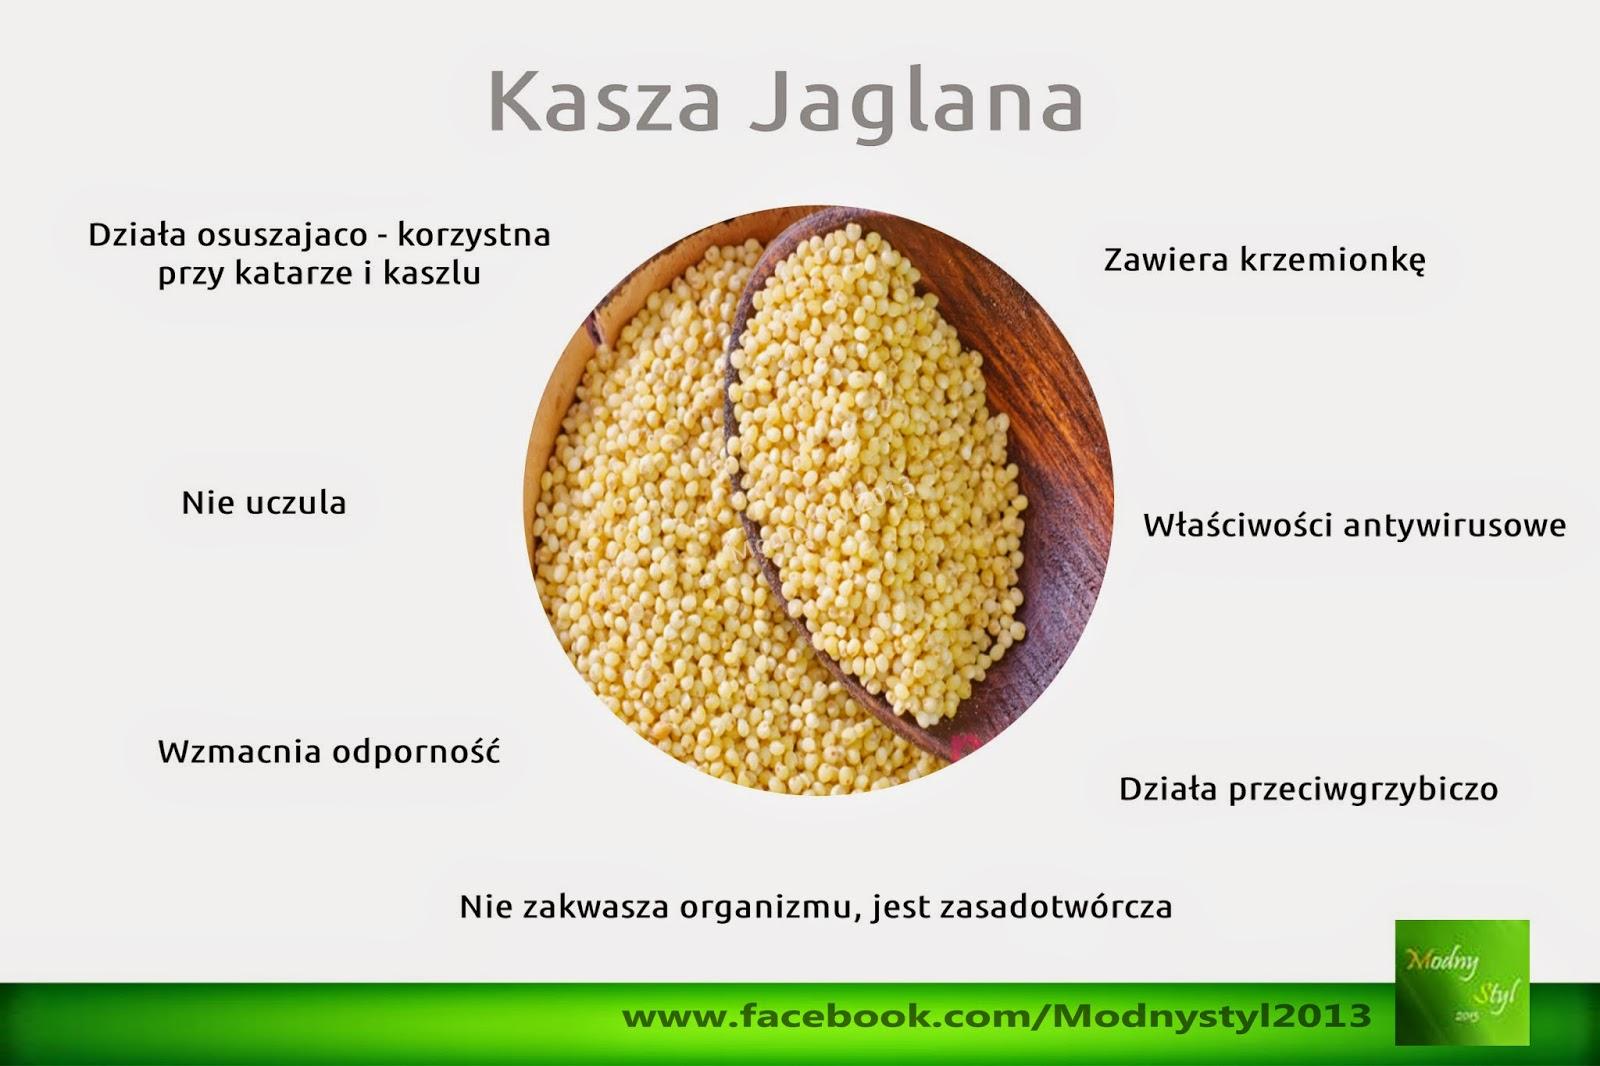 Kasza jaglana - właściwości i przepis na sałatkę